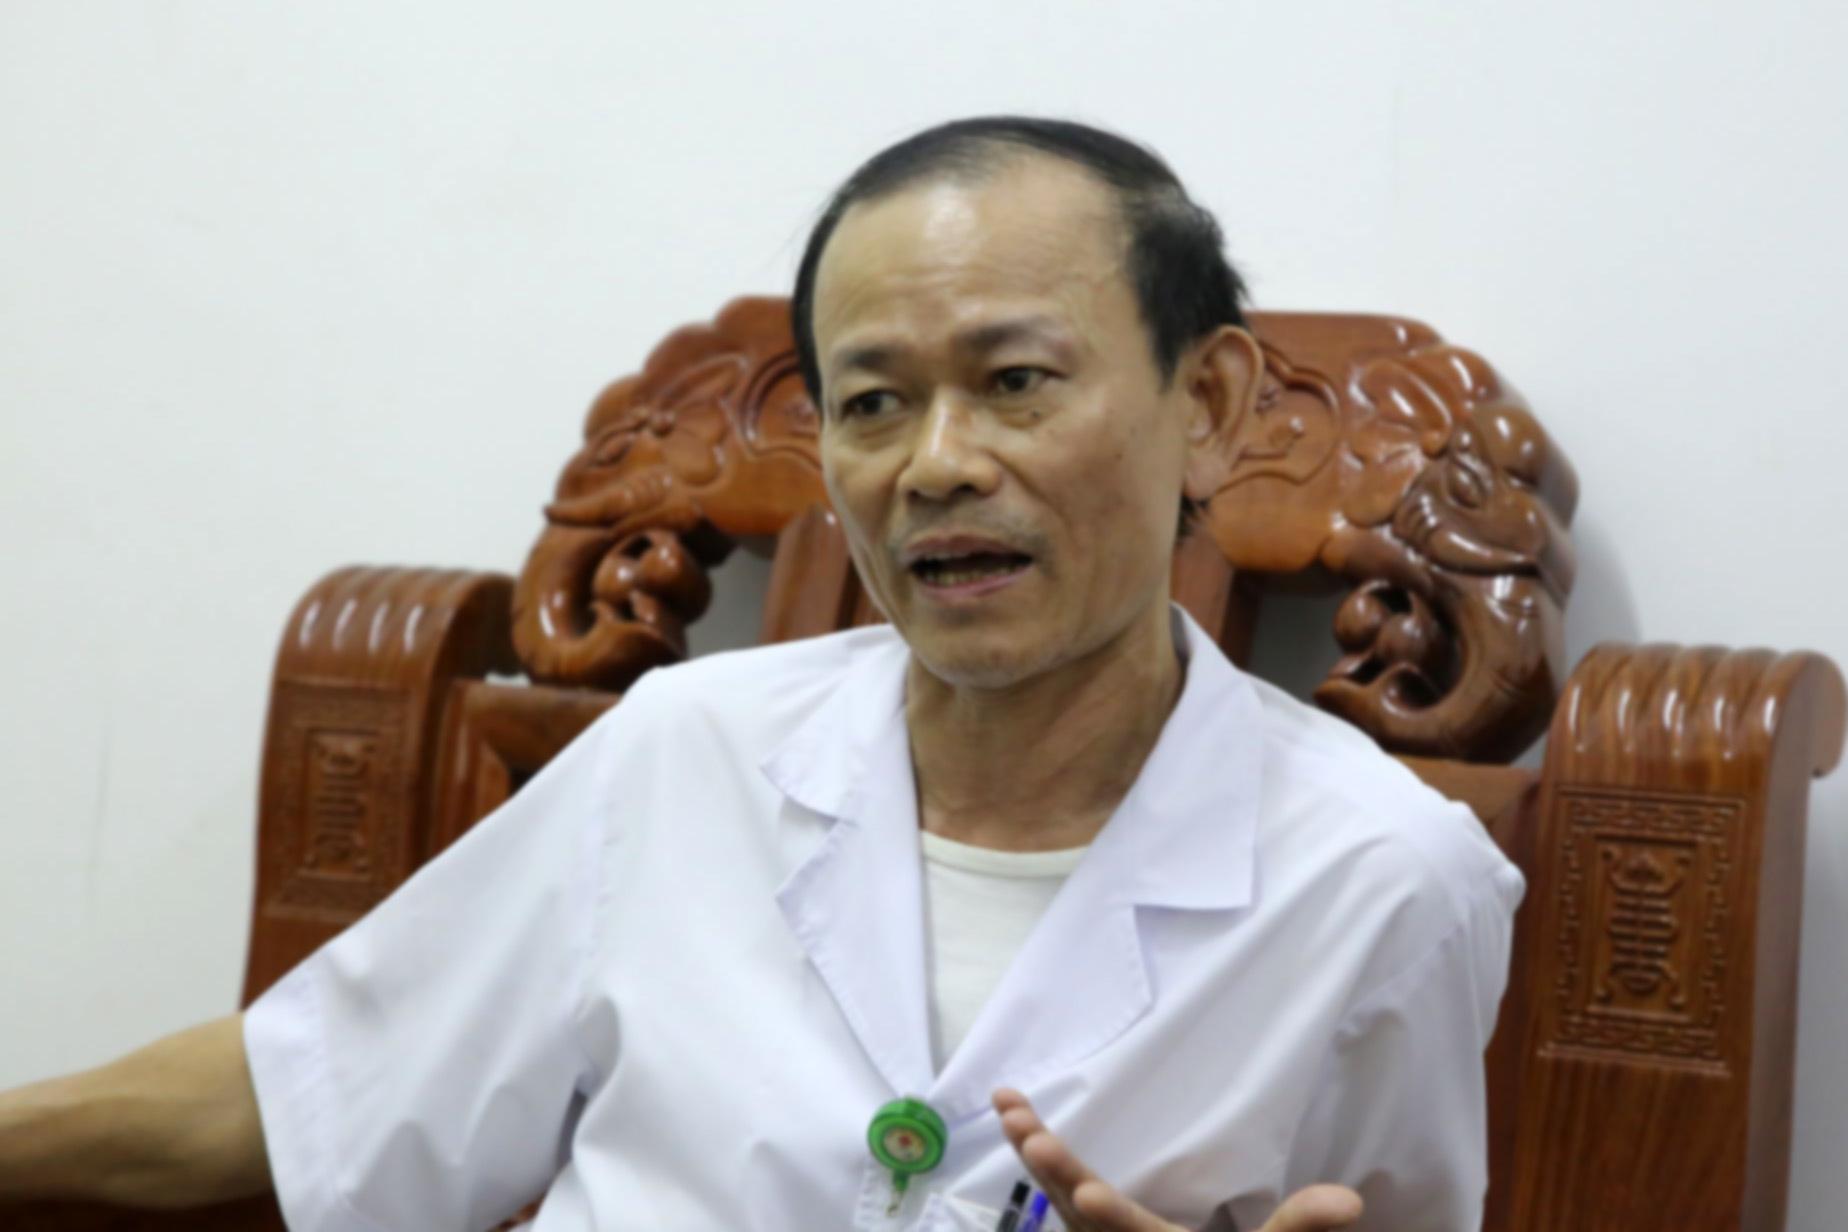 Lãnh đạo Bệnh viện ĐK Đức Thọ, BS Phạm Hồng Cường.